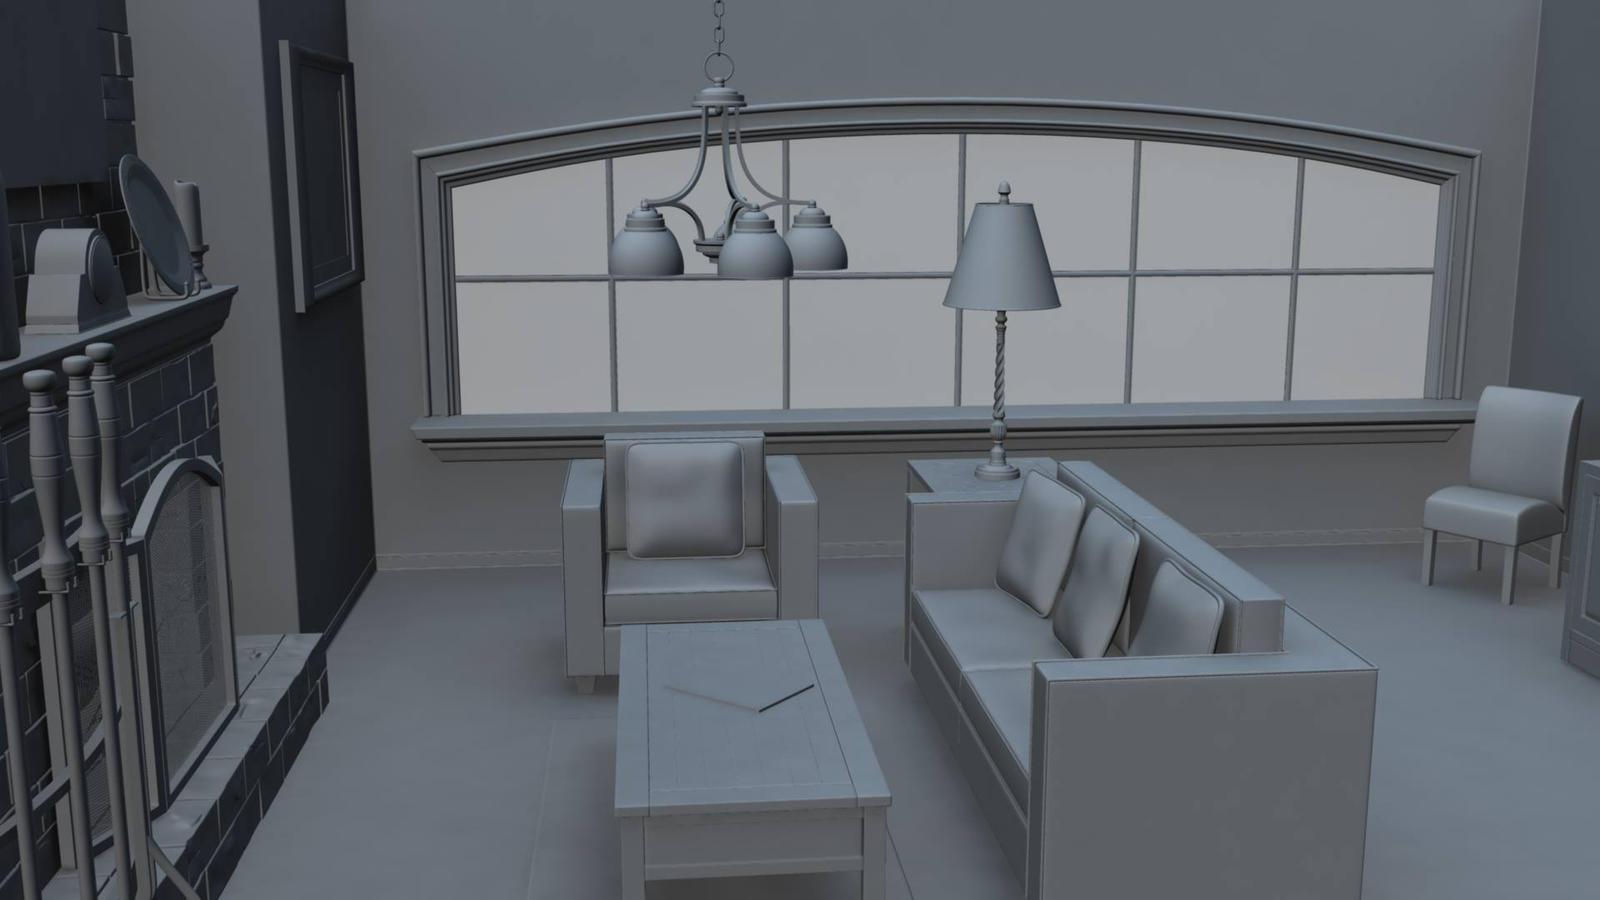 Interior 02 by BRokeNARRoW13